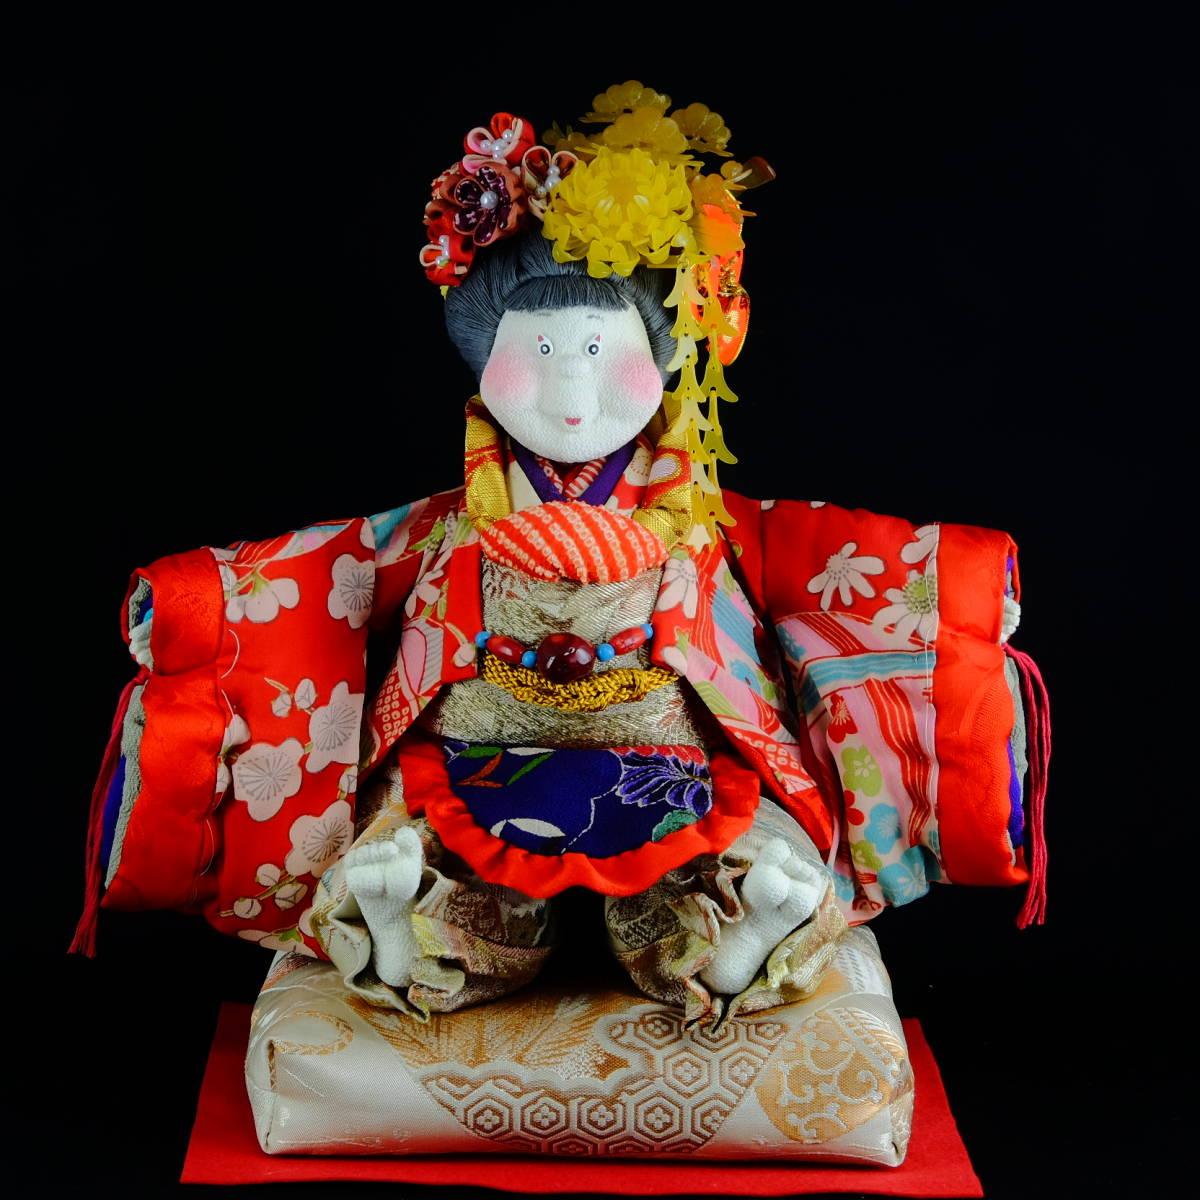 [昔々大松屋の創作人形] ほんわか姫 (検索用/ぶす姫 古布 縮緬 ちりめん 日本人形 かんざし ひな人形 雛 つまみ細工 ジュサブロ 市松人形)